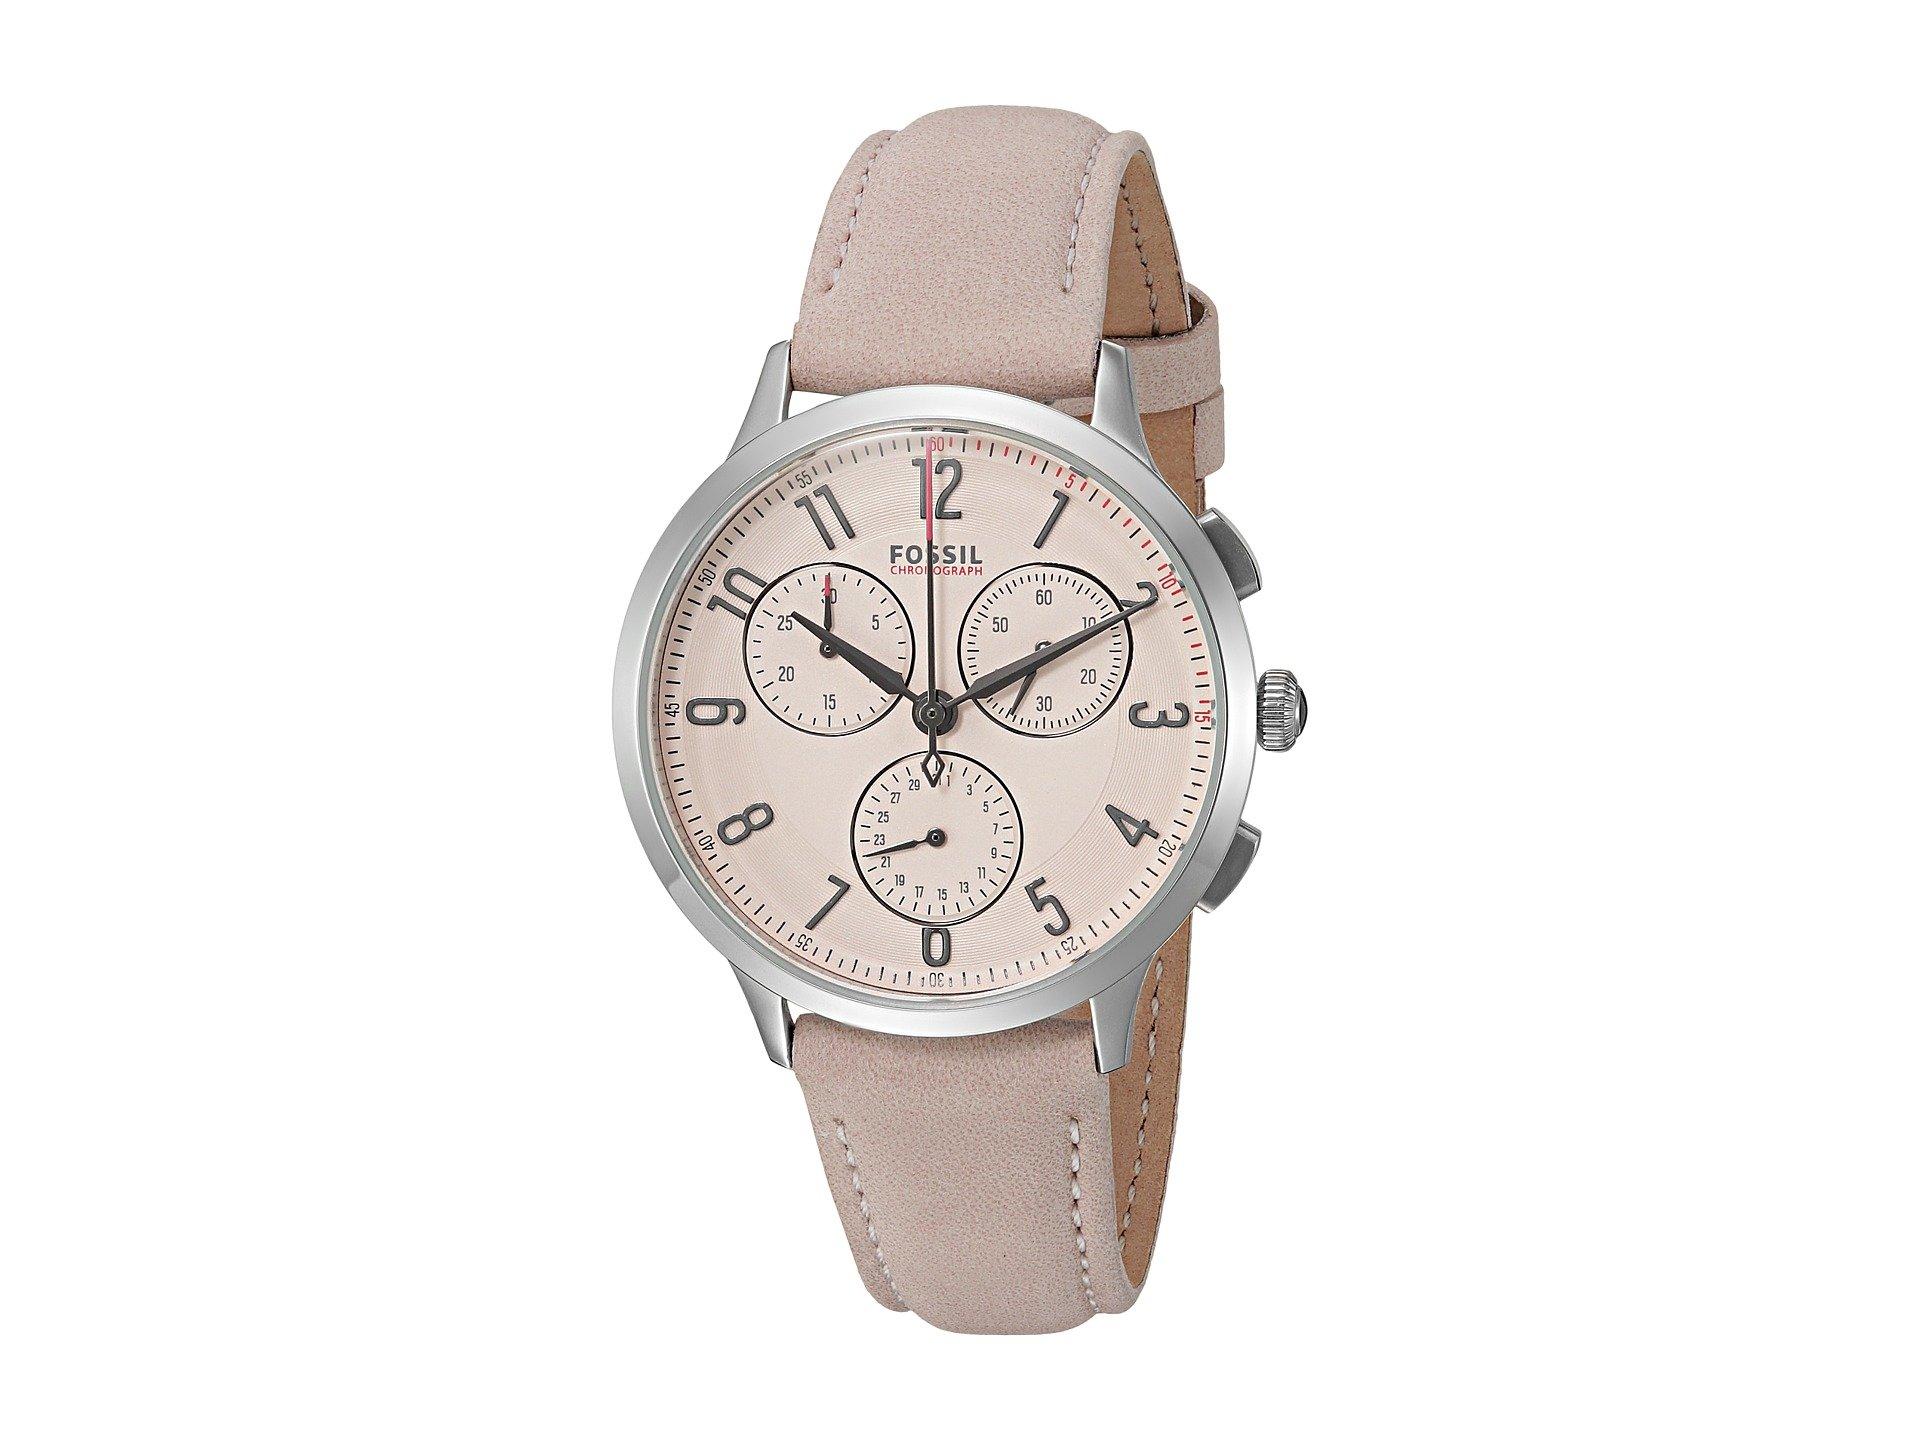 Reloj para Mujer Fossil Abilene Sport Leather - CH3088  + Fossil en VeoyCompro.net